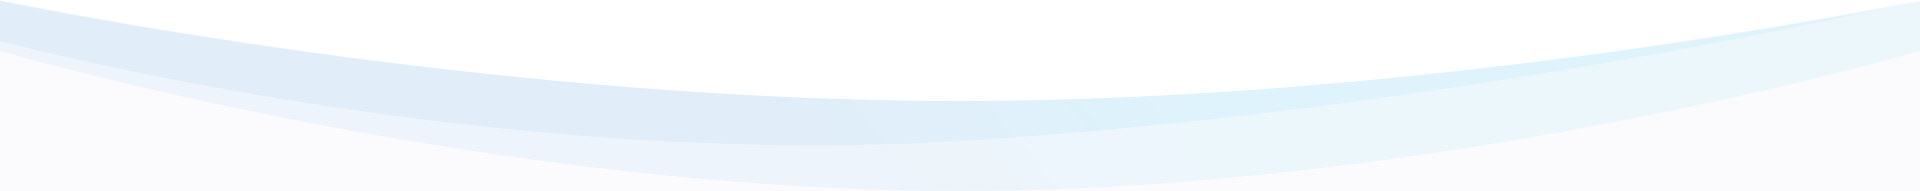 Viedäänkö teidänkin projektinhallinta aivan uudelle tasolle monday.comin avulla?